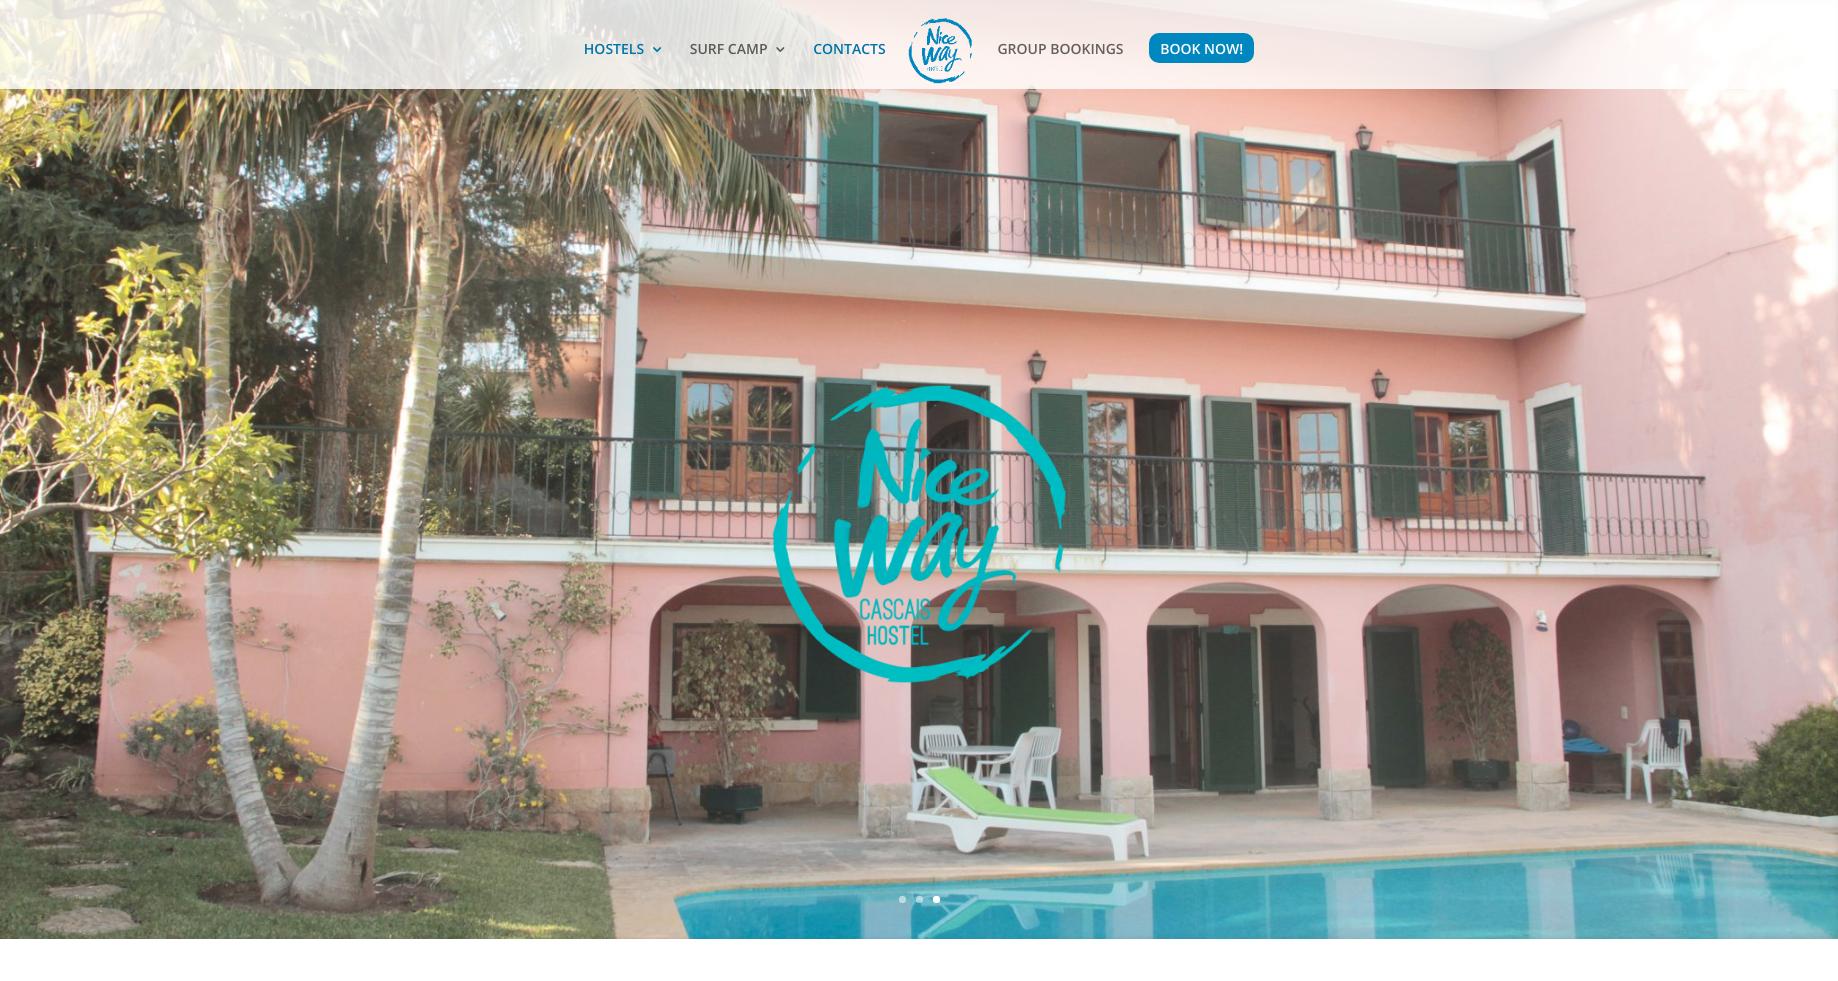 Image of Niceway Hostel's Website